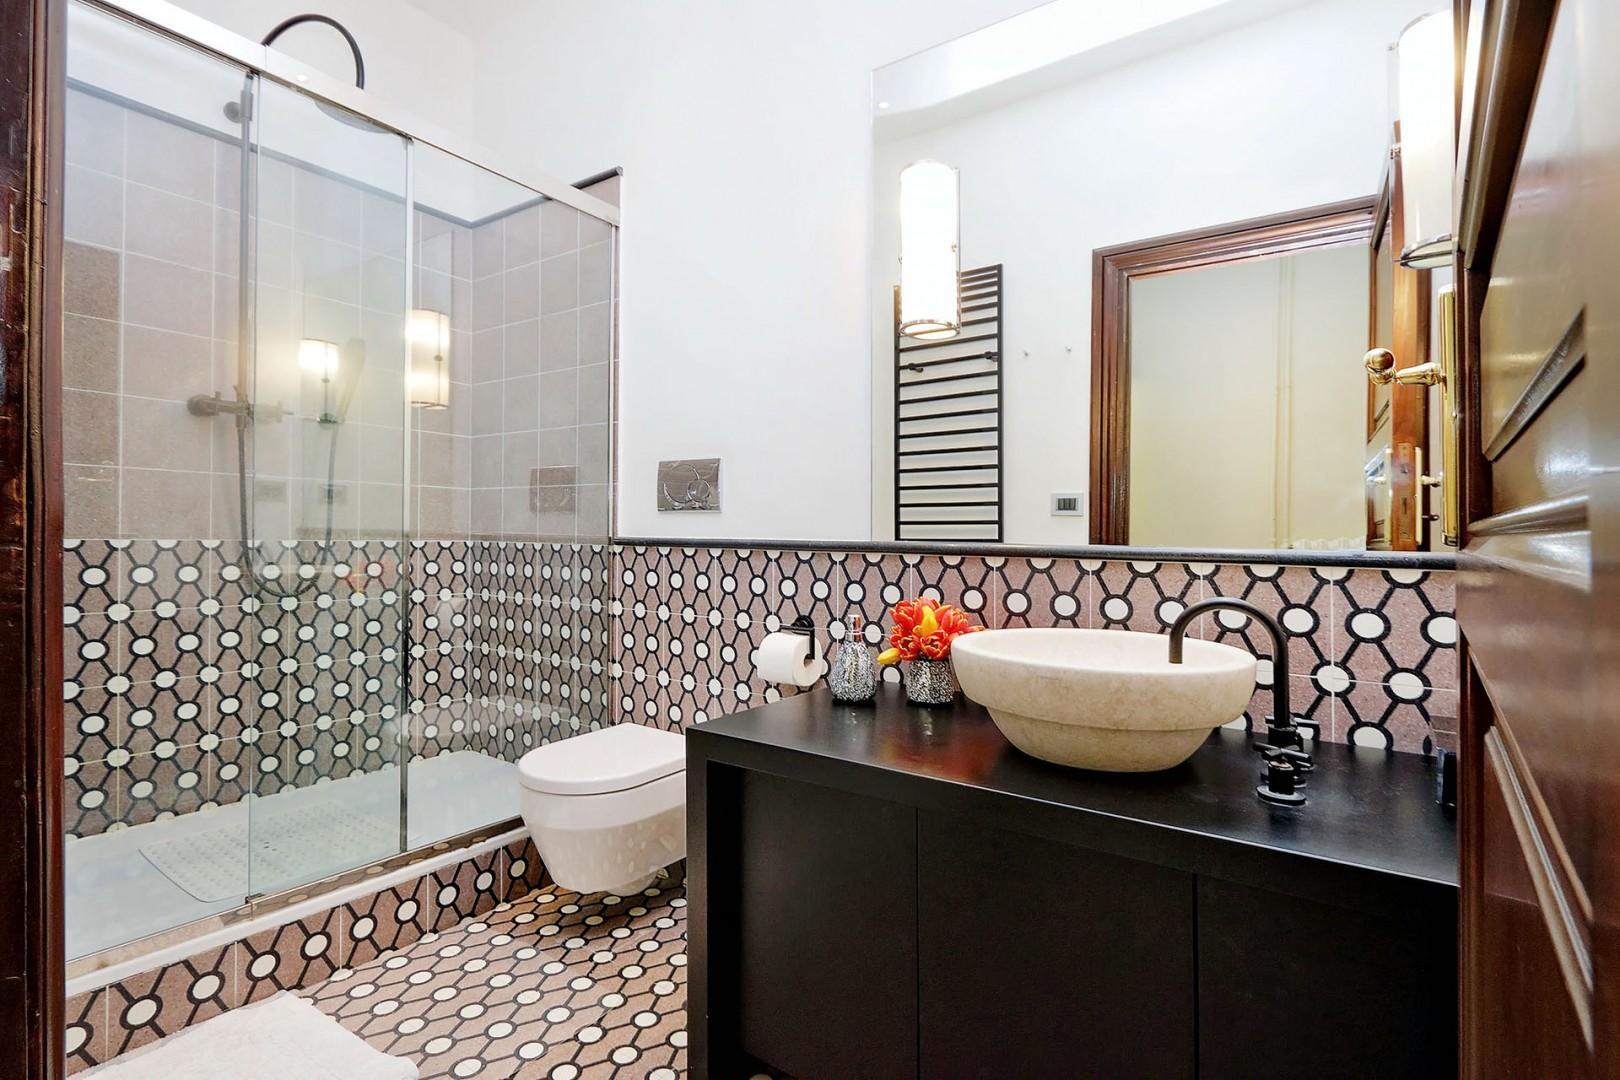 Clean, modern, bathroom 1...great tiles!